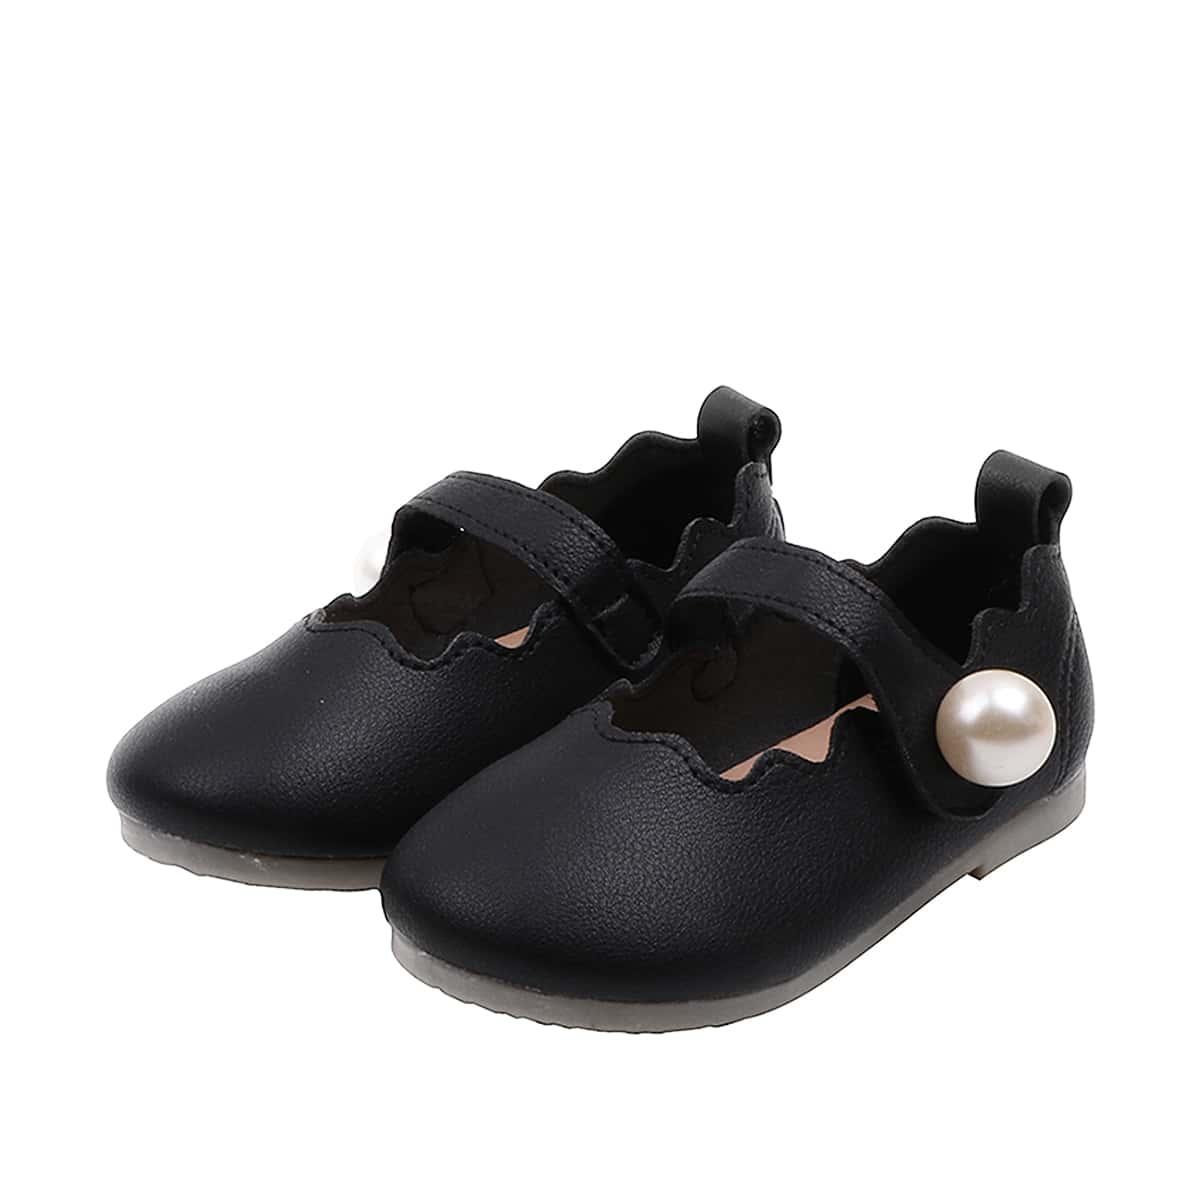 Туфли на плоской подошве с искусственным жемчугом и стразами для девочек от SHEIN